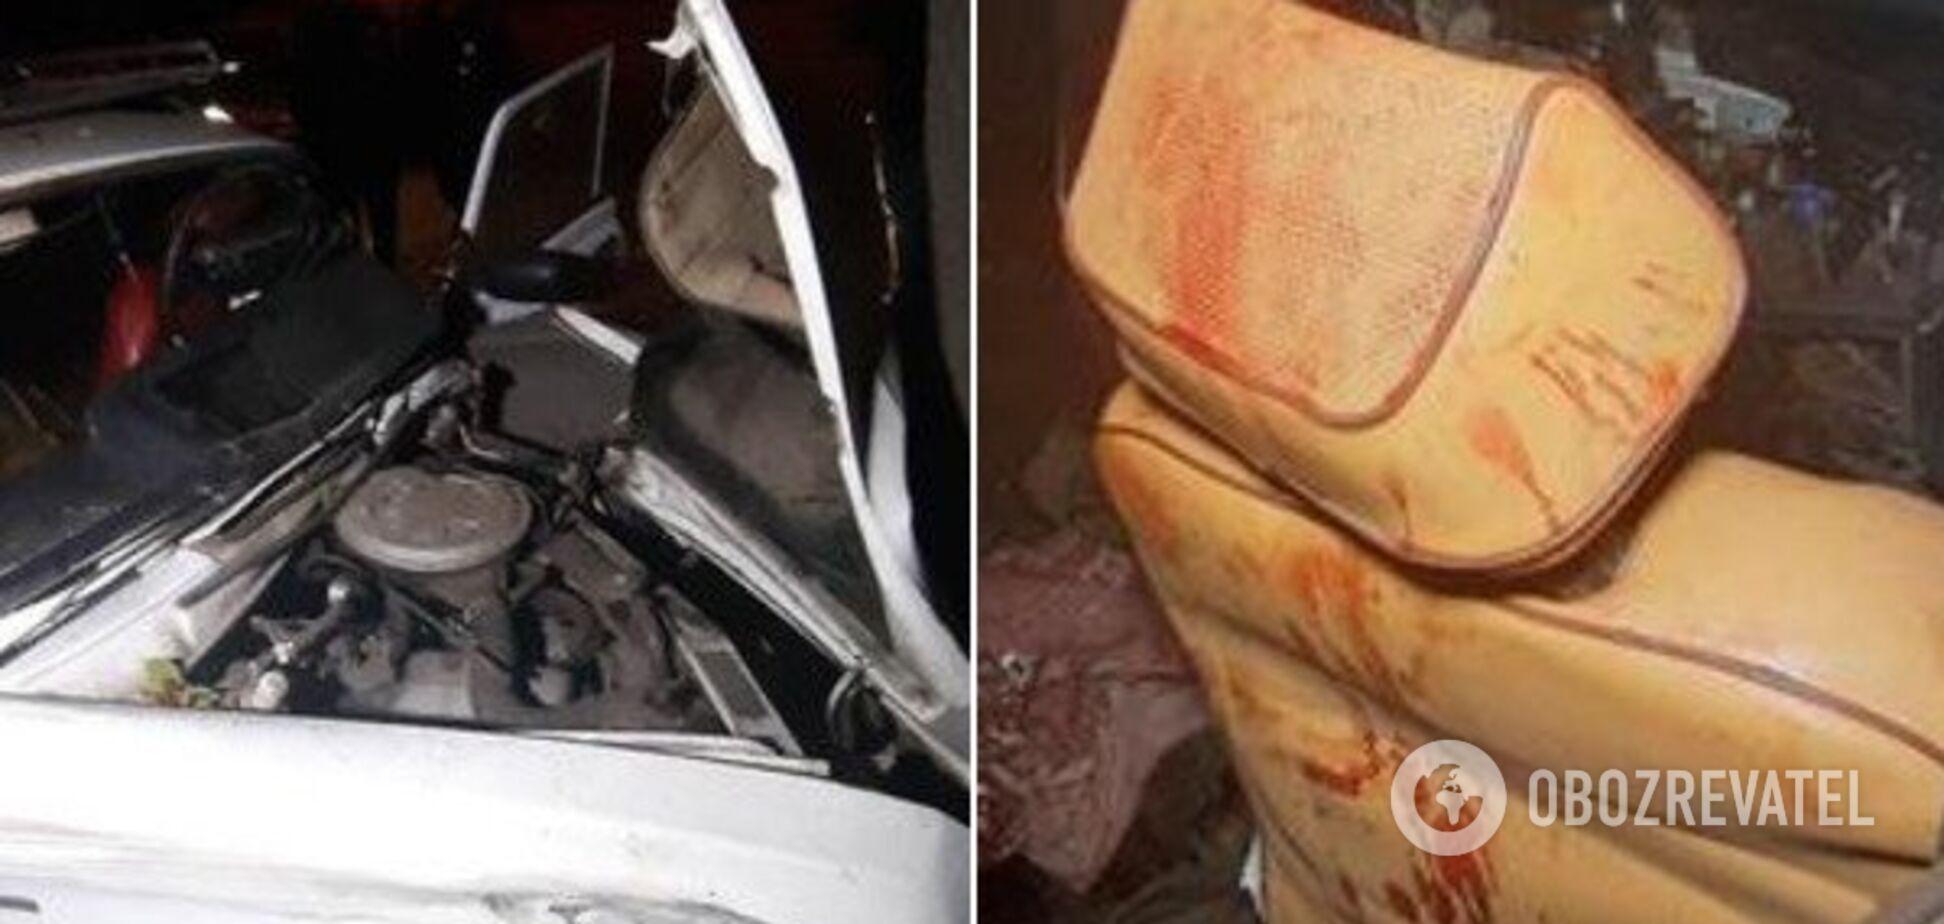 Умерла в операционной: в Кривом Роге произошло смертельное ДТП